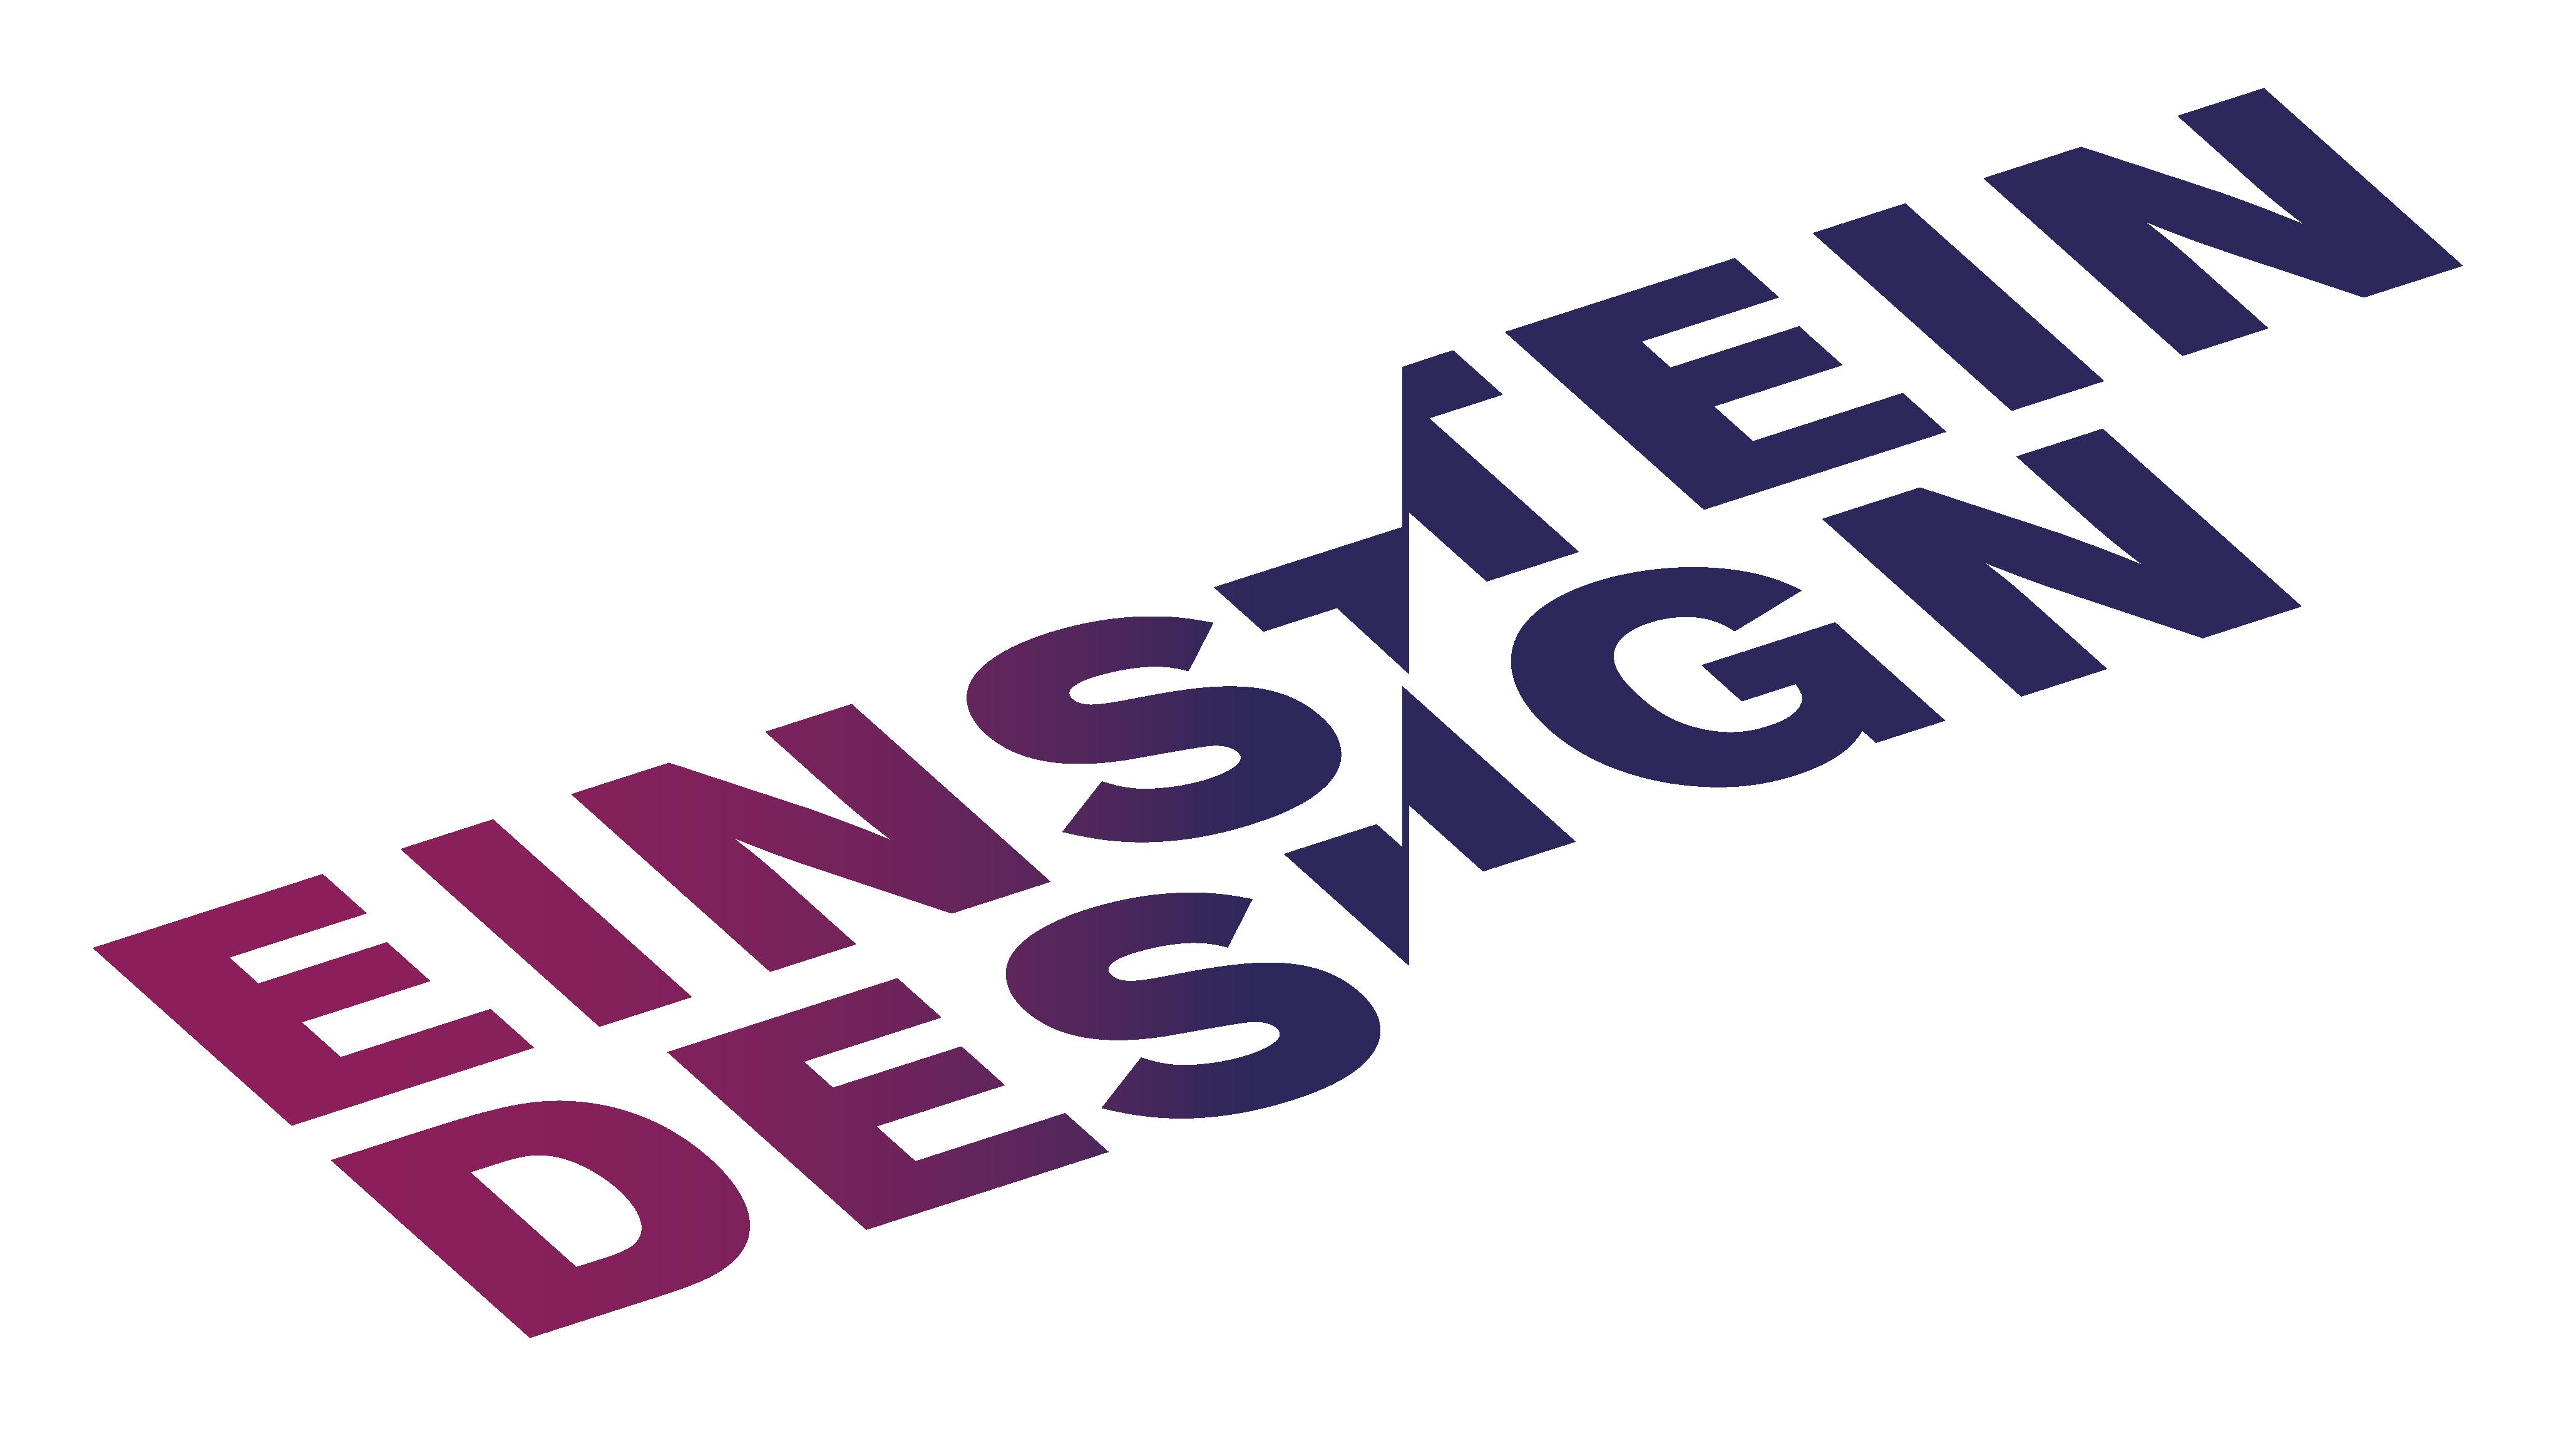 Einstein Design Graphic Web Design Typography Trends  # Muebles Einstein